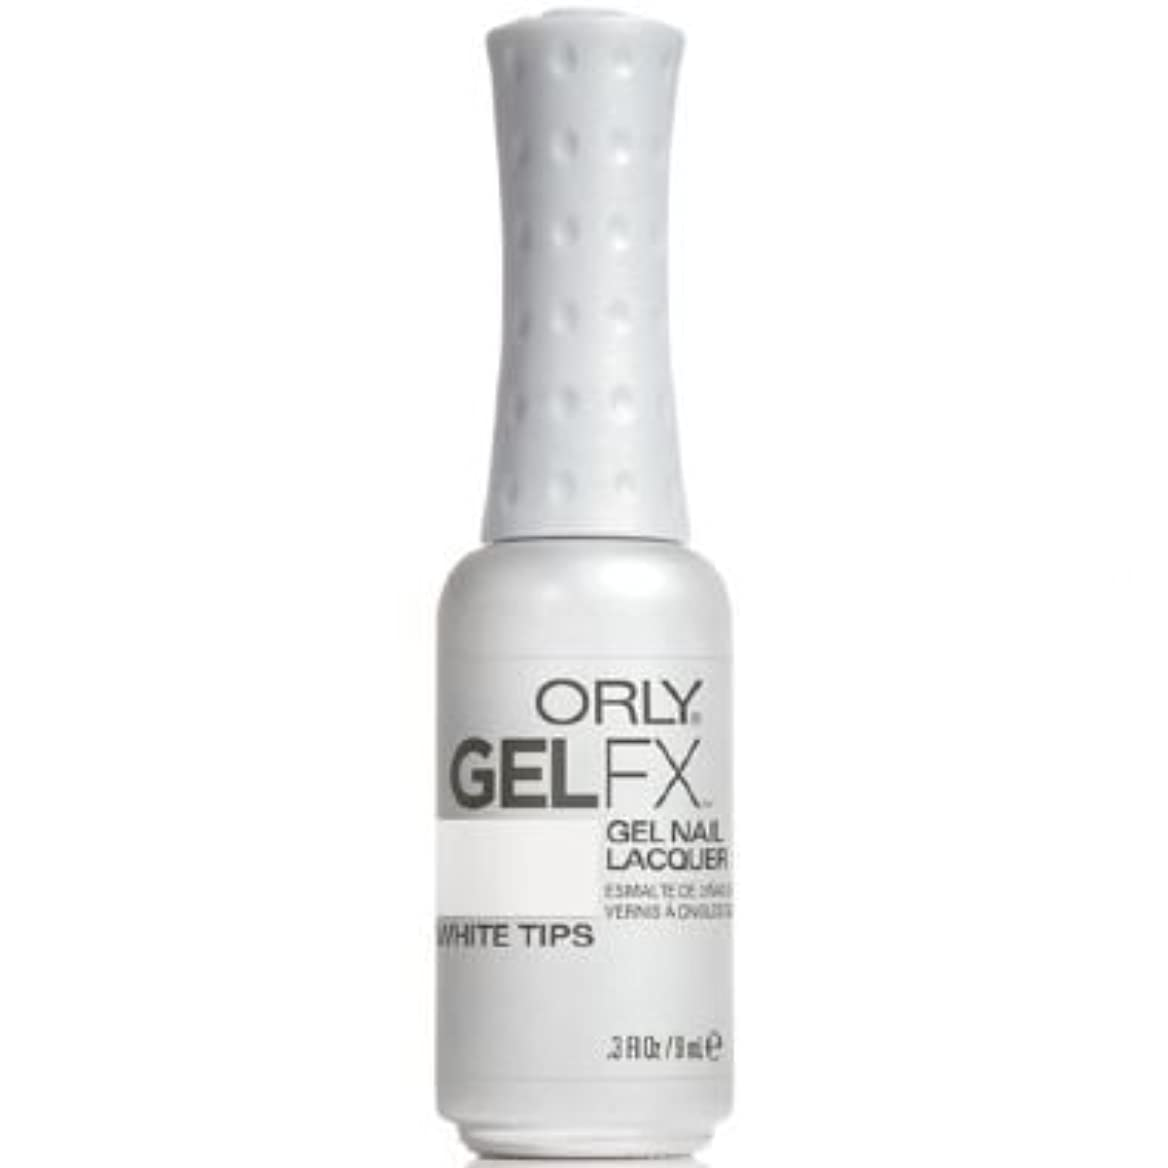 思いやり推定詩人Orly Gel FX Gel UV Vernis à Ongles/ Gel Polish - White Tips 9ml